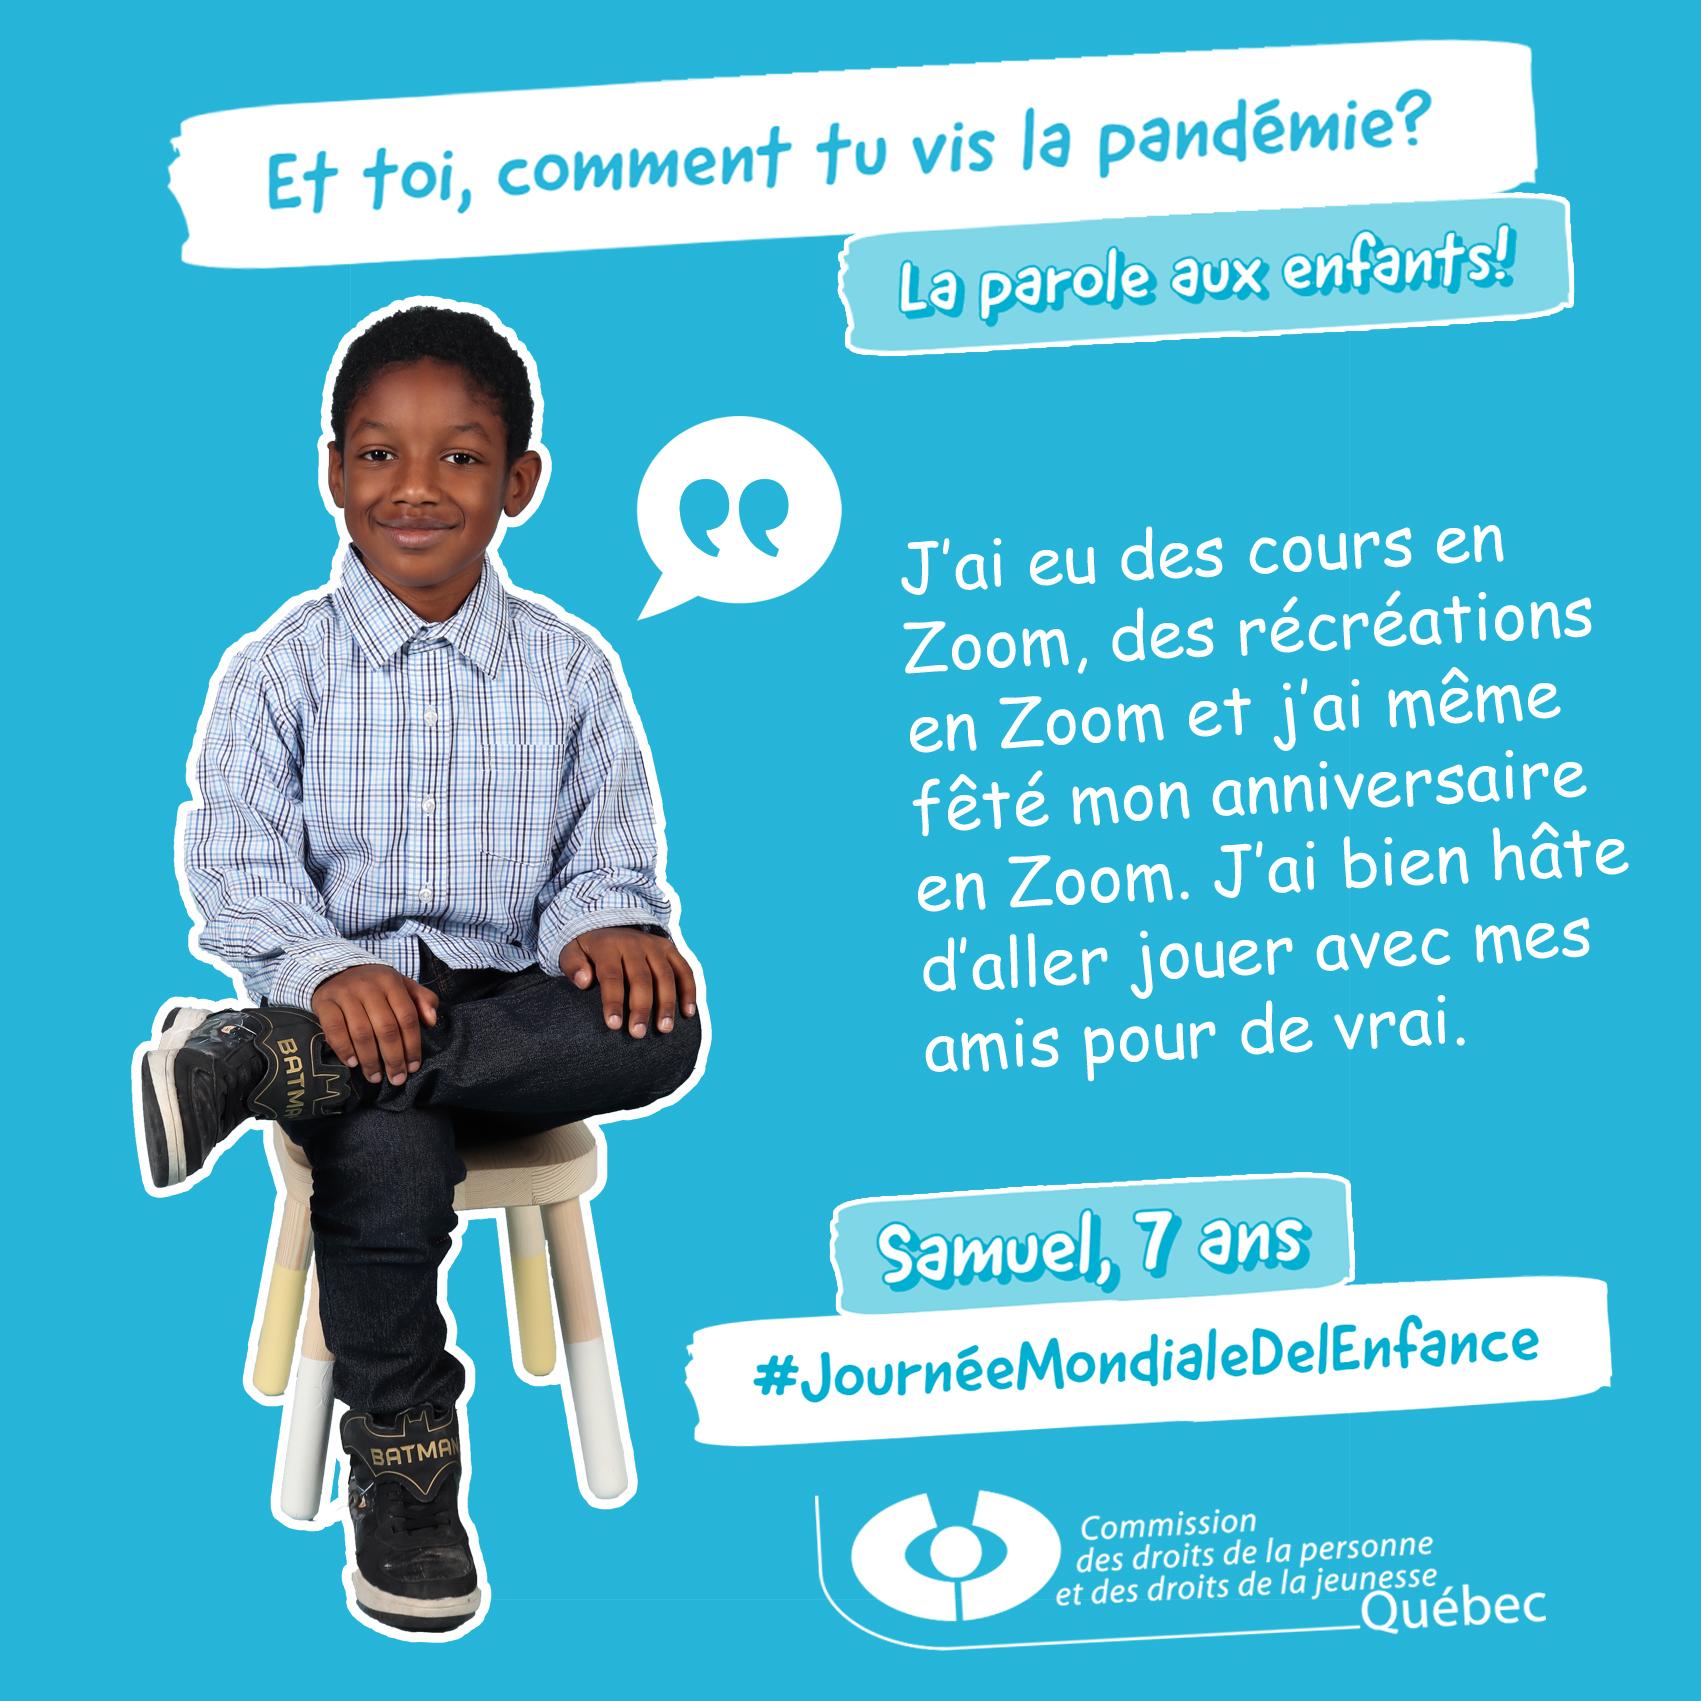 Photo et citation de Samuel qui répond à la question Et toi, comment tu vis la pandémie?